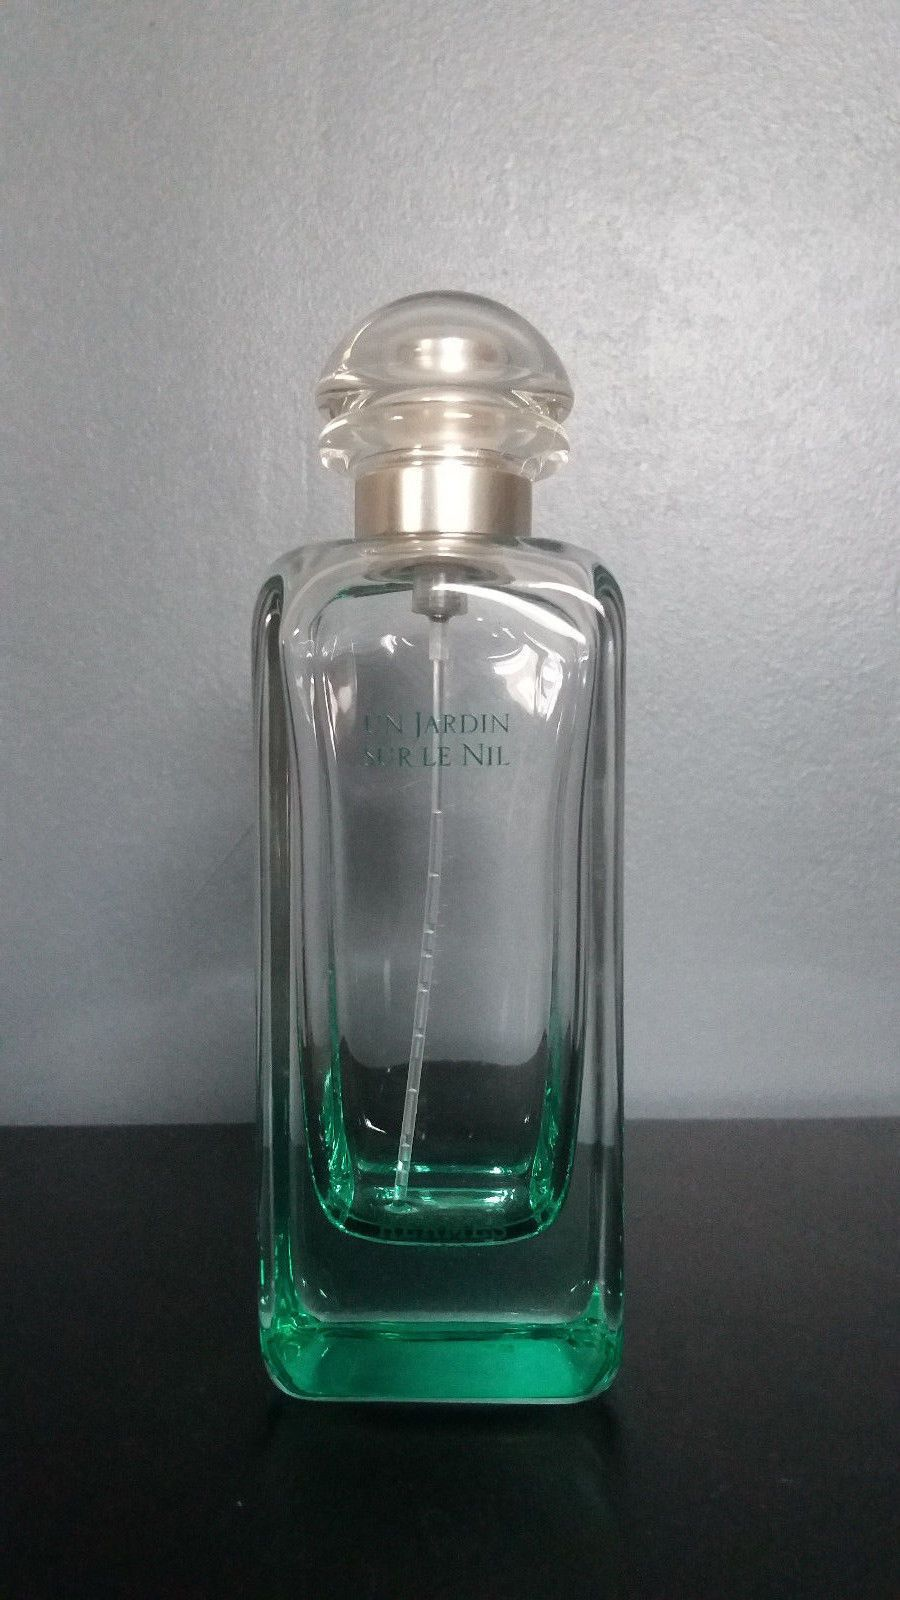 Flacon De 100mlMa Un Jardin Le Sur Parfum Vide NilHermès BCxoder